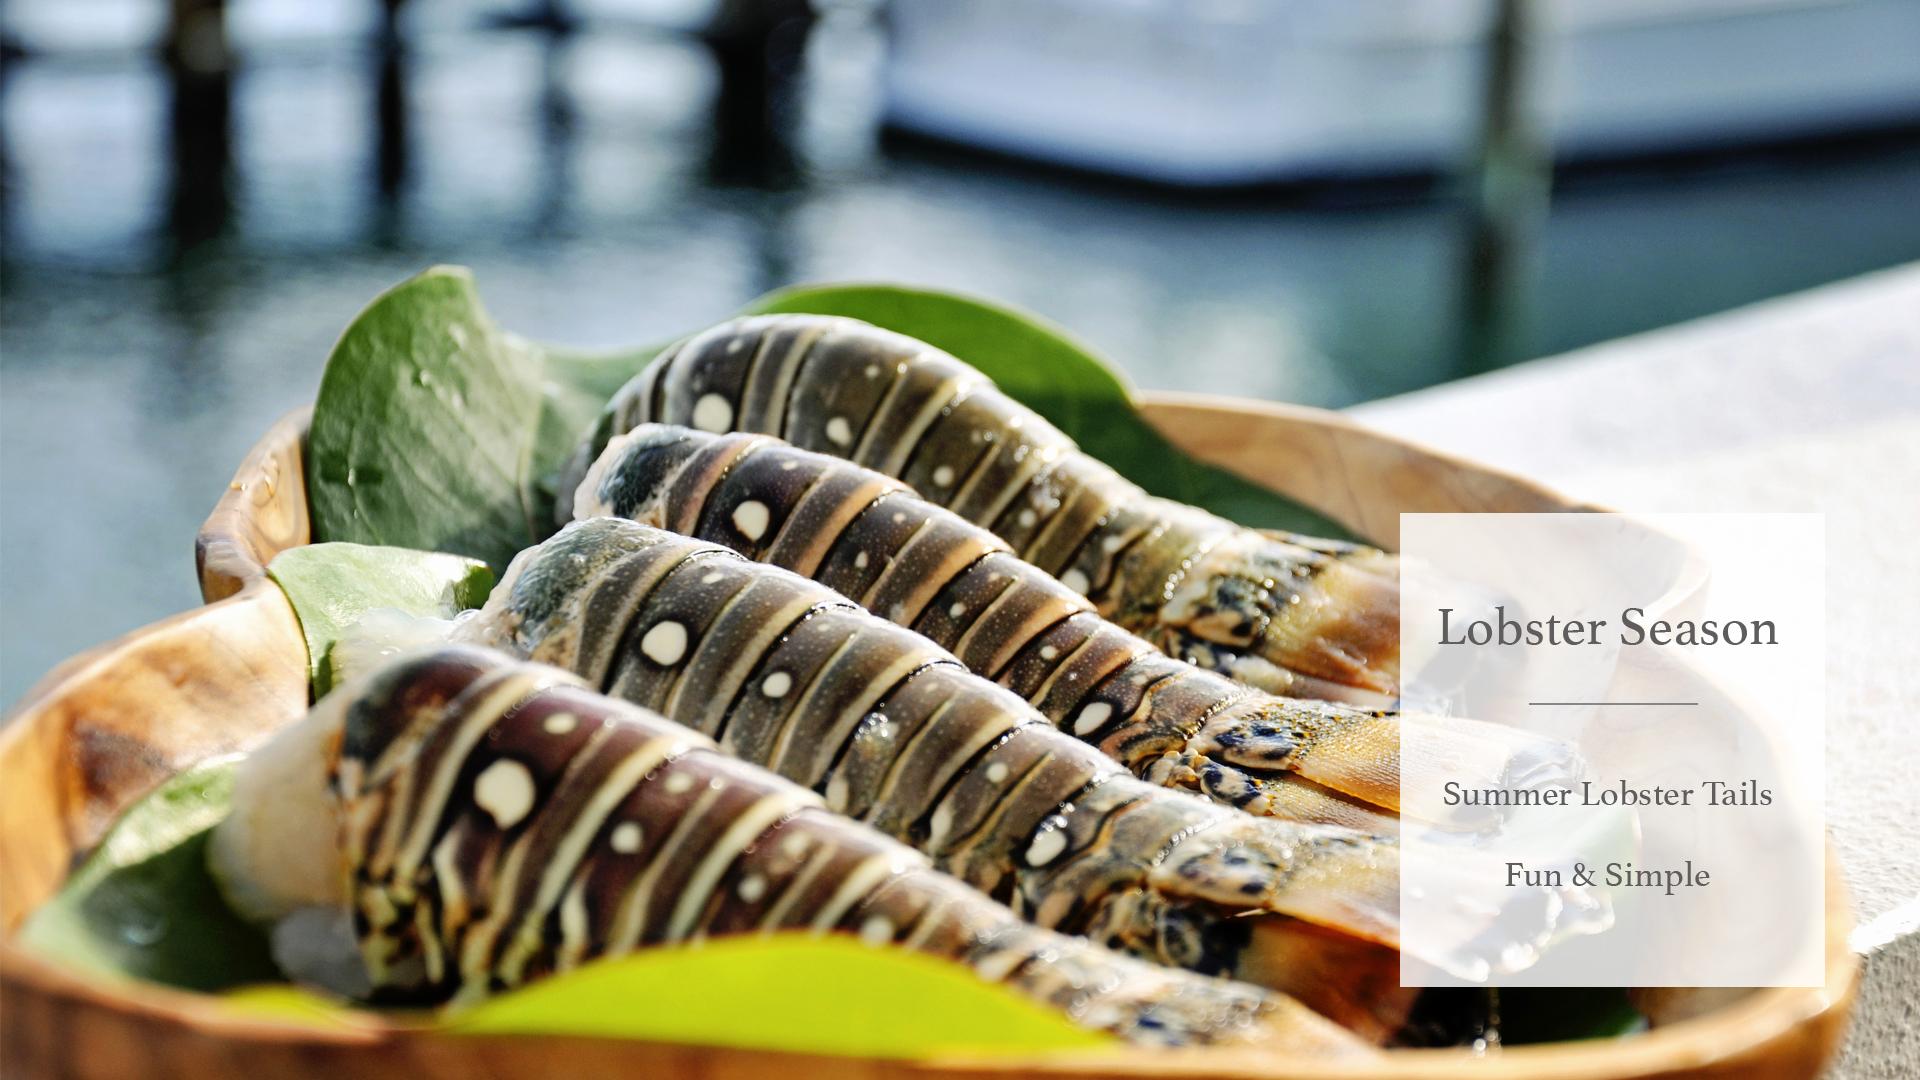 LobsterSeasonSlide copy.jpg